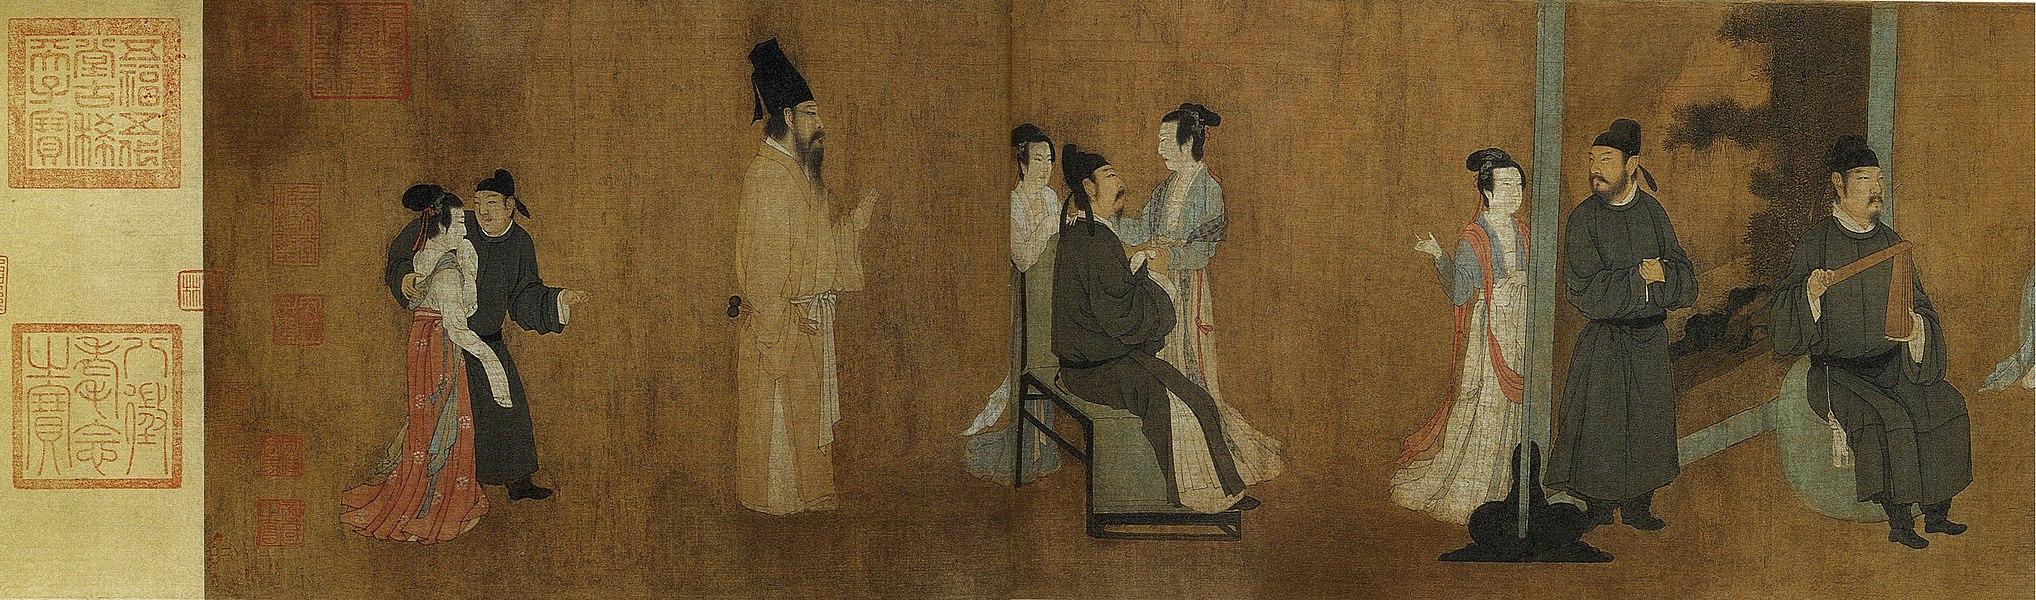 gu hongzhong - image 5